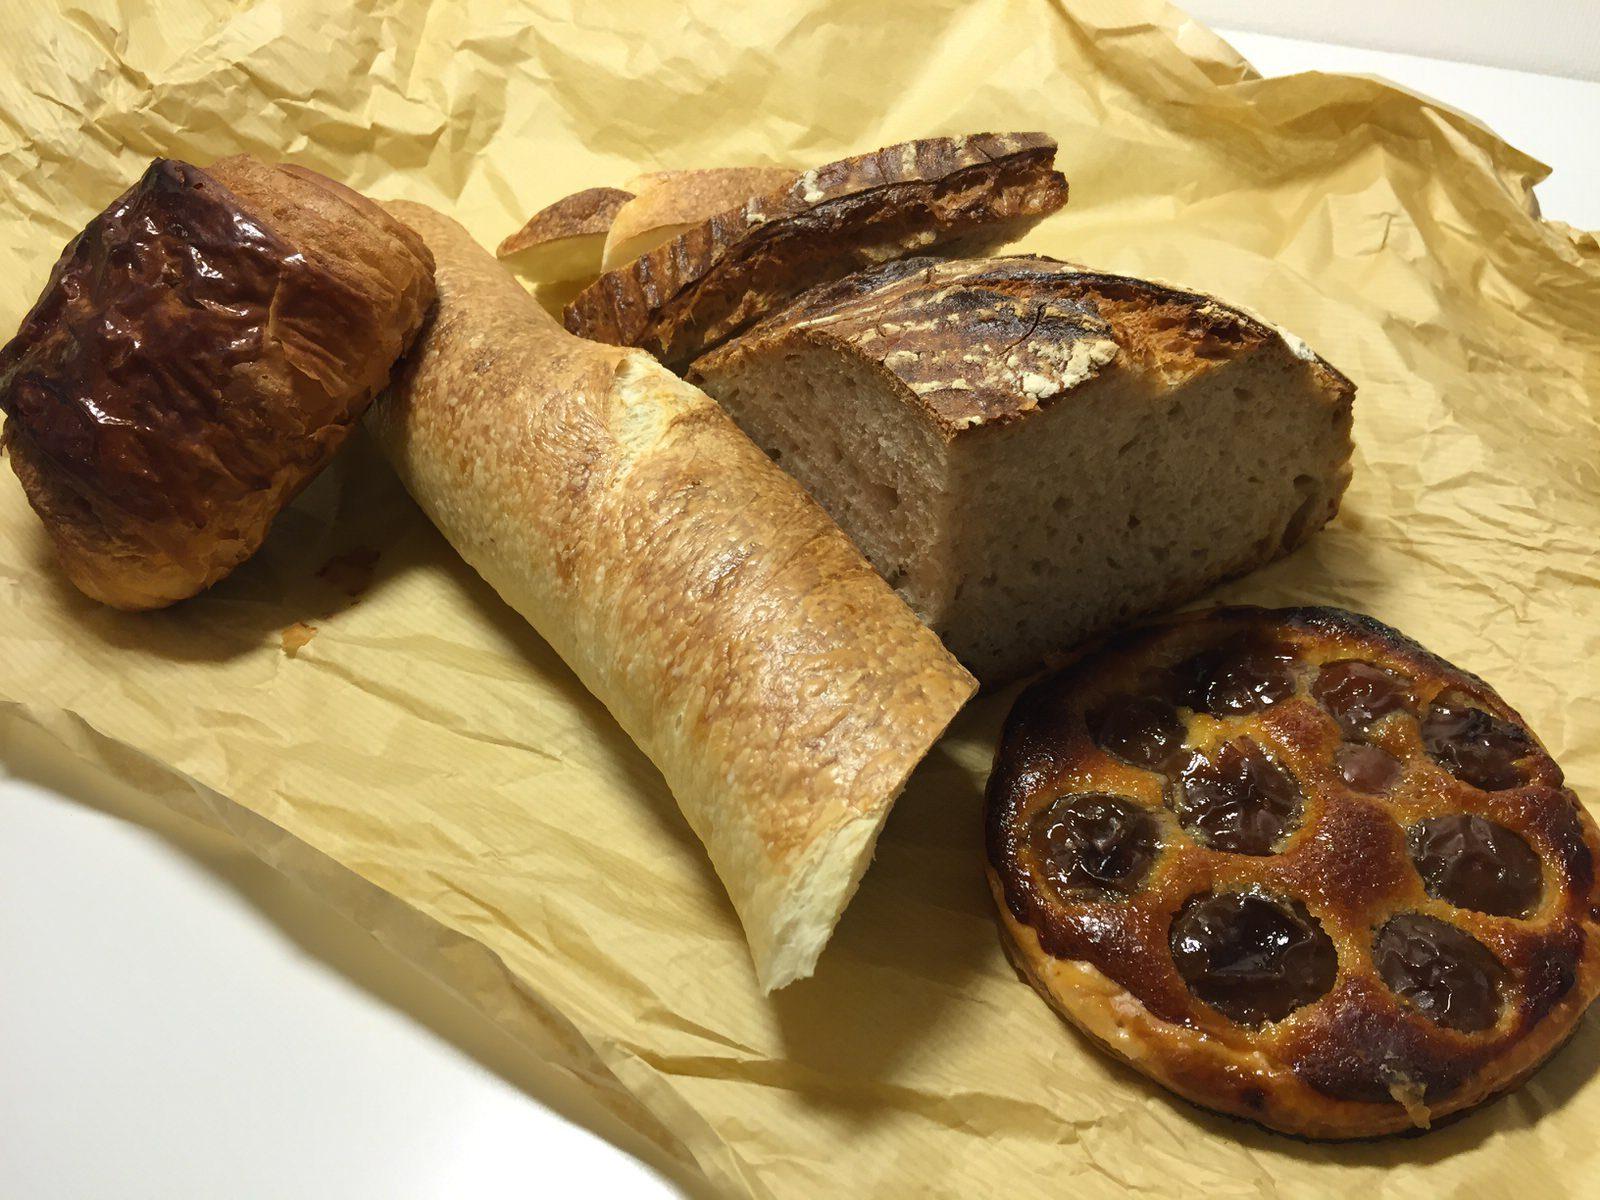 ブランジェリー ラ・フォンティヌ・ドゥ・ルルド 宮の森のハード系、香ばしいパン